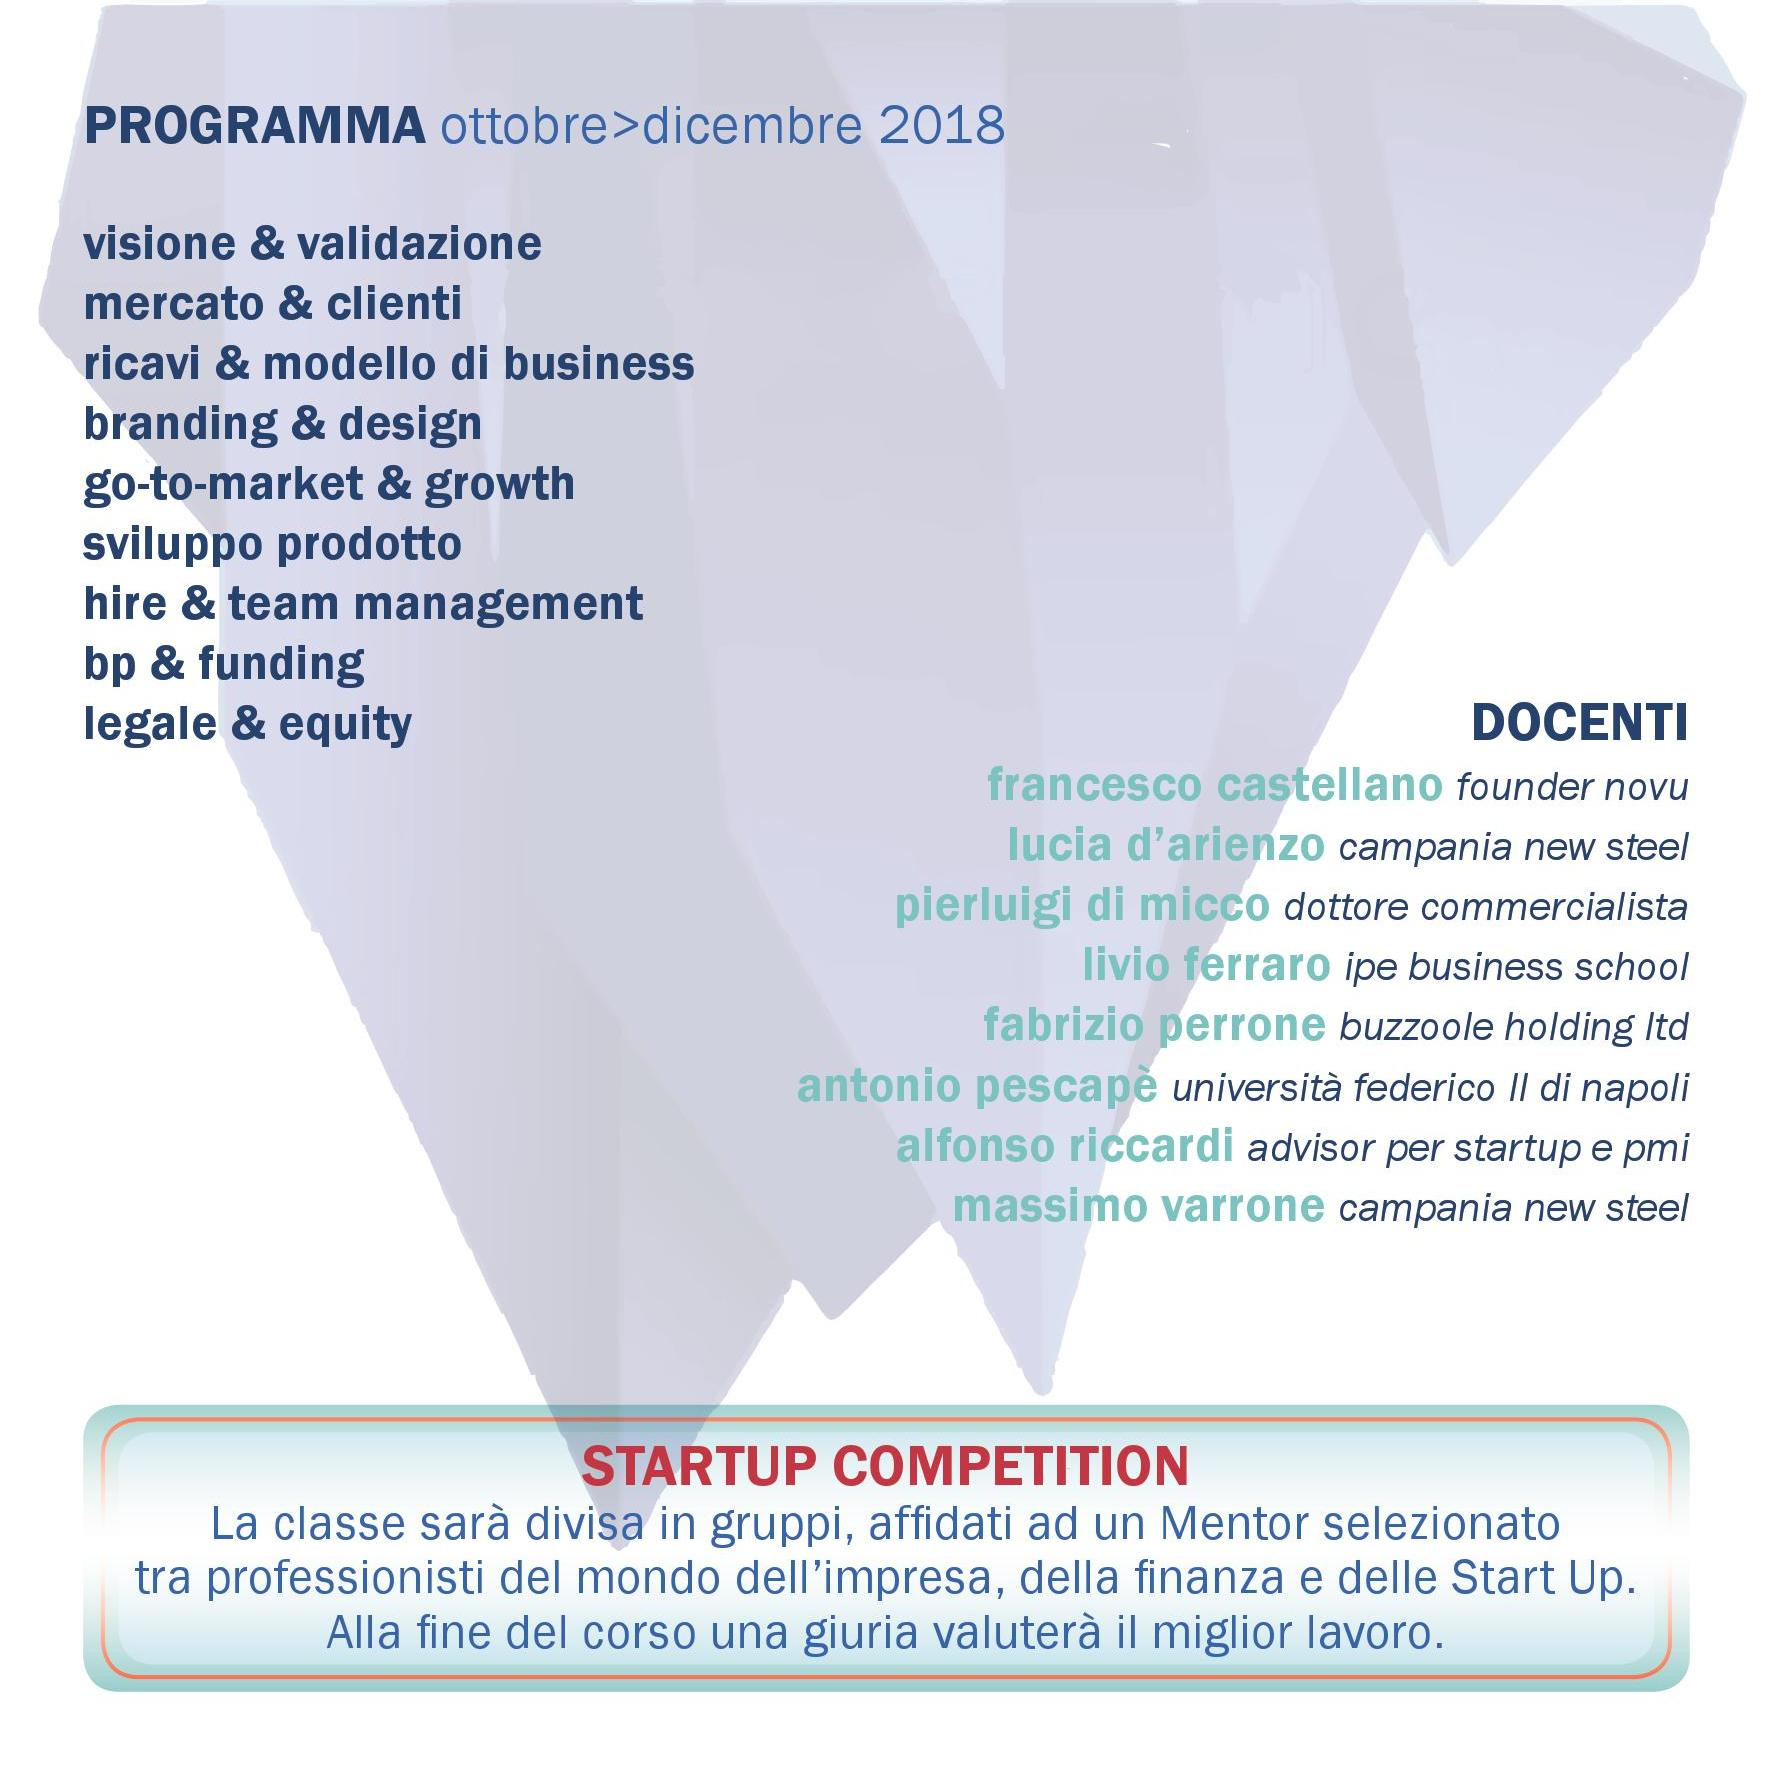 Programma e docenti FAI TU: corso per startup d'impresa